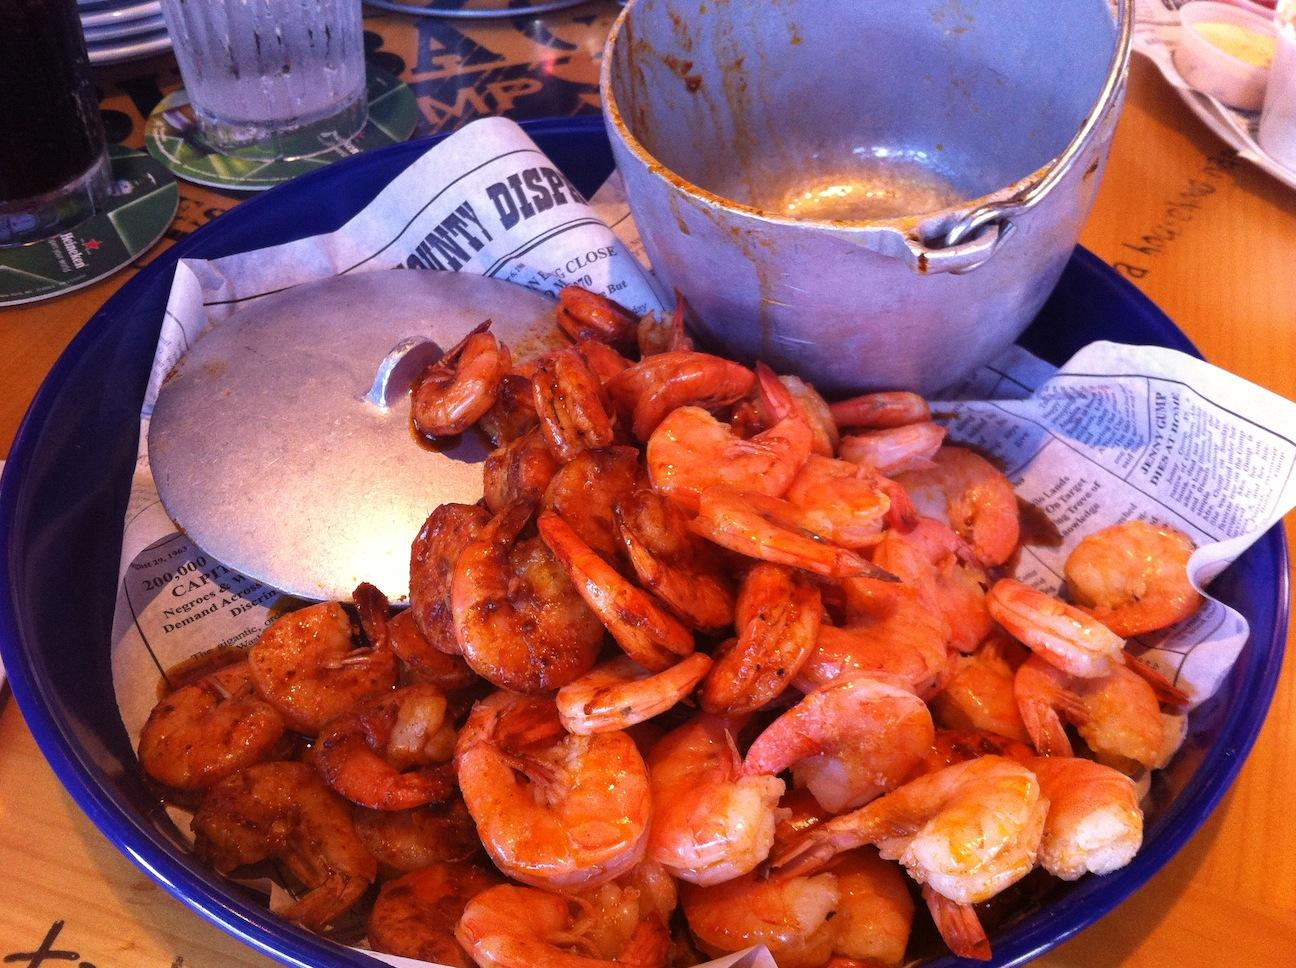 Bubba Gump Shrimp、ホノルルでも大人気のフォレスト・ガンプがテーマのレストラン。ジョッキのお土産も手に入ります!